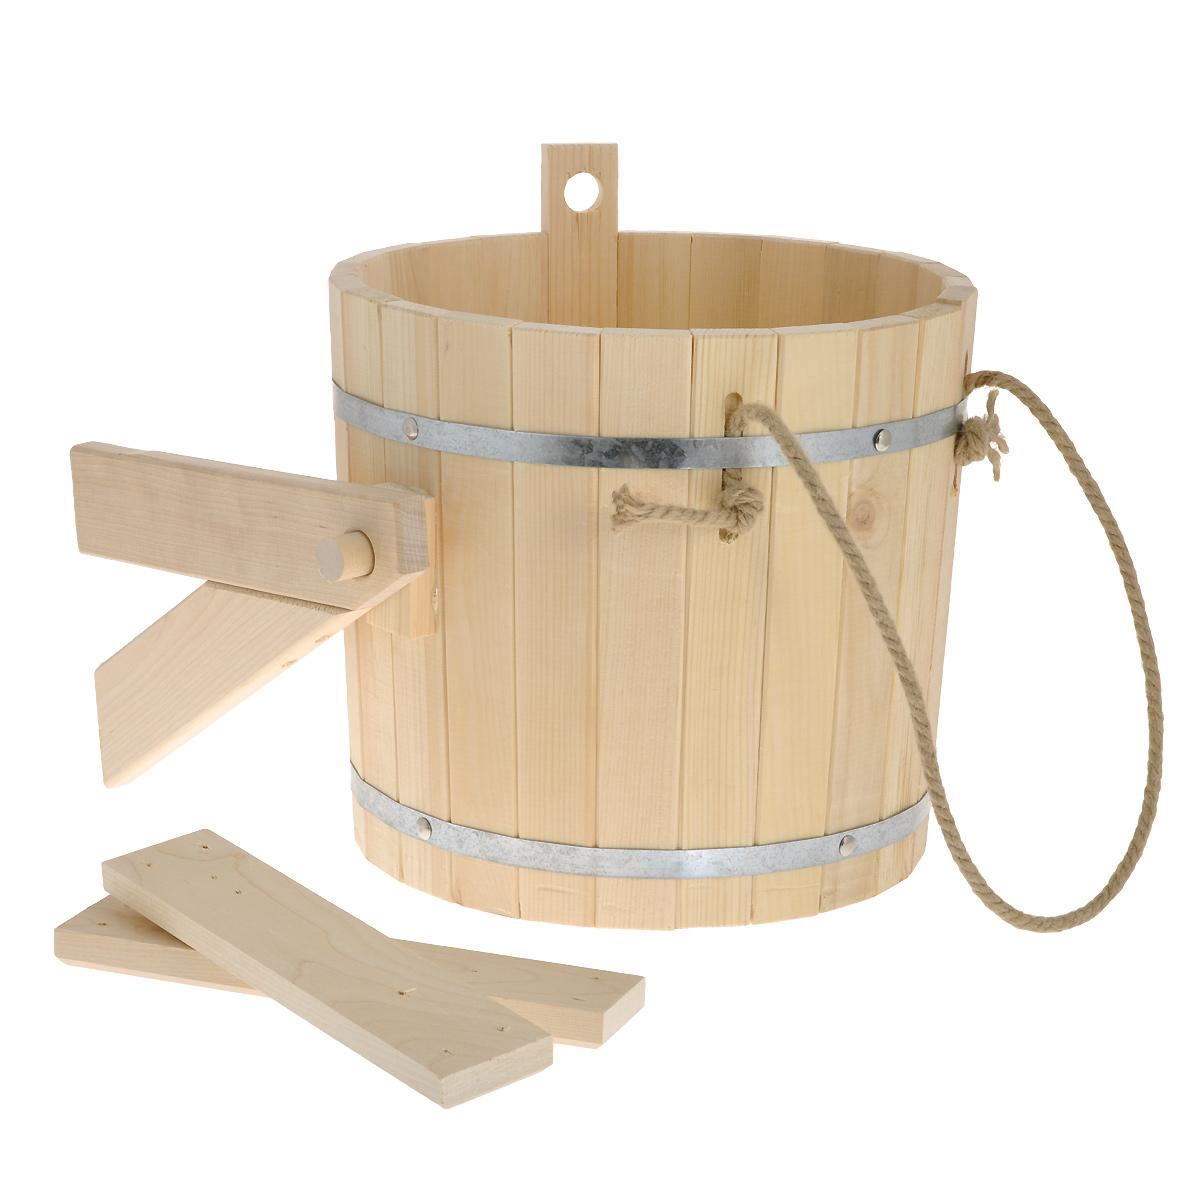 Обливное устройство Доктор баня, 16 л904937Обливное устройство Доктор баня состоит из деревянной емкости, двух кронштейнов и впускного клапана для воды.Обливное устройство изготовлено из деревянных шпунтованный клепок, склеенных между собой водостойким клеем и стянутых двумя обручами из нержавеющей стали. Внутри и снаружи устройство покрыто экологически безопасной мастикой на основе природного воска, который обеспечивает высокую степень защиты древесины от воздействия воды.Обливное устройство может монтироваться как к стенам, так и к потолку помещения.Обливное устройство предназначено для контрастного обливания после высоких температур парной в банях и саунах. Обливные устройства используются как внутри бани, так и снаружи.Рекомендуется периодически проверять прочность узловых соединений и надежность крепления к стене. Характеристики: Материал: дерево (кедр), металл, текстиль. Объем емкости: 16 л. Диаметр емкости: 34 см. Высота стенок емкости: 30 см.